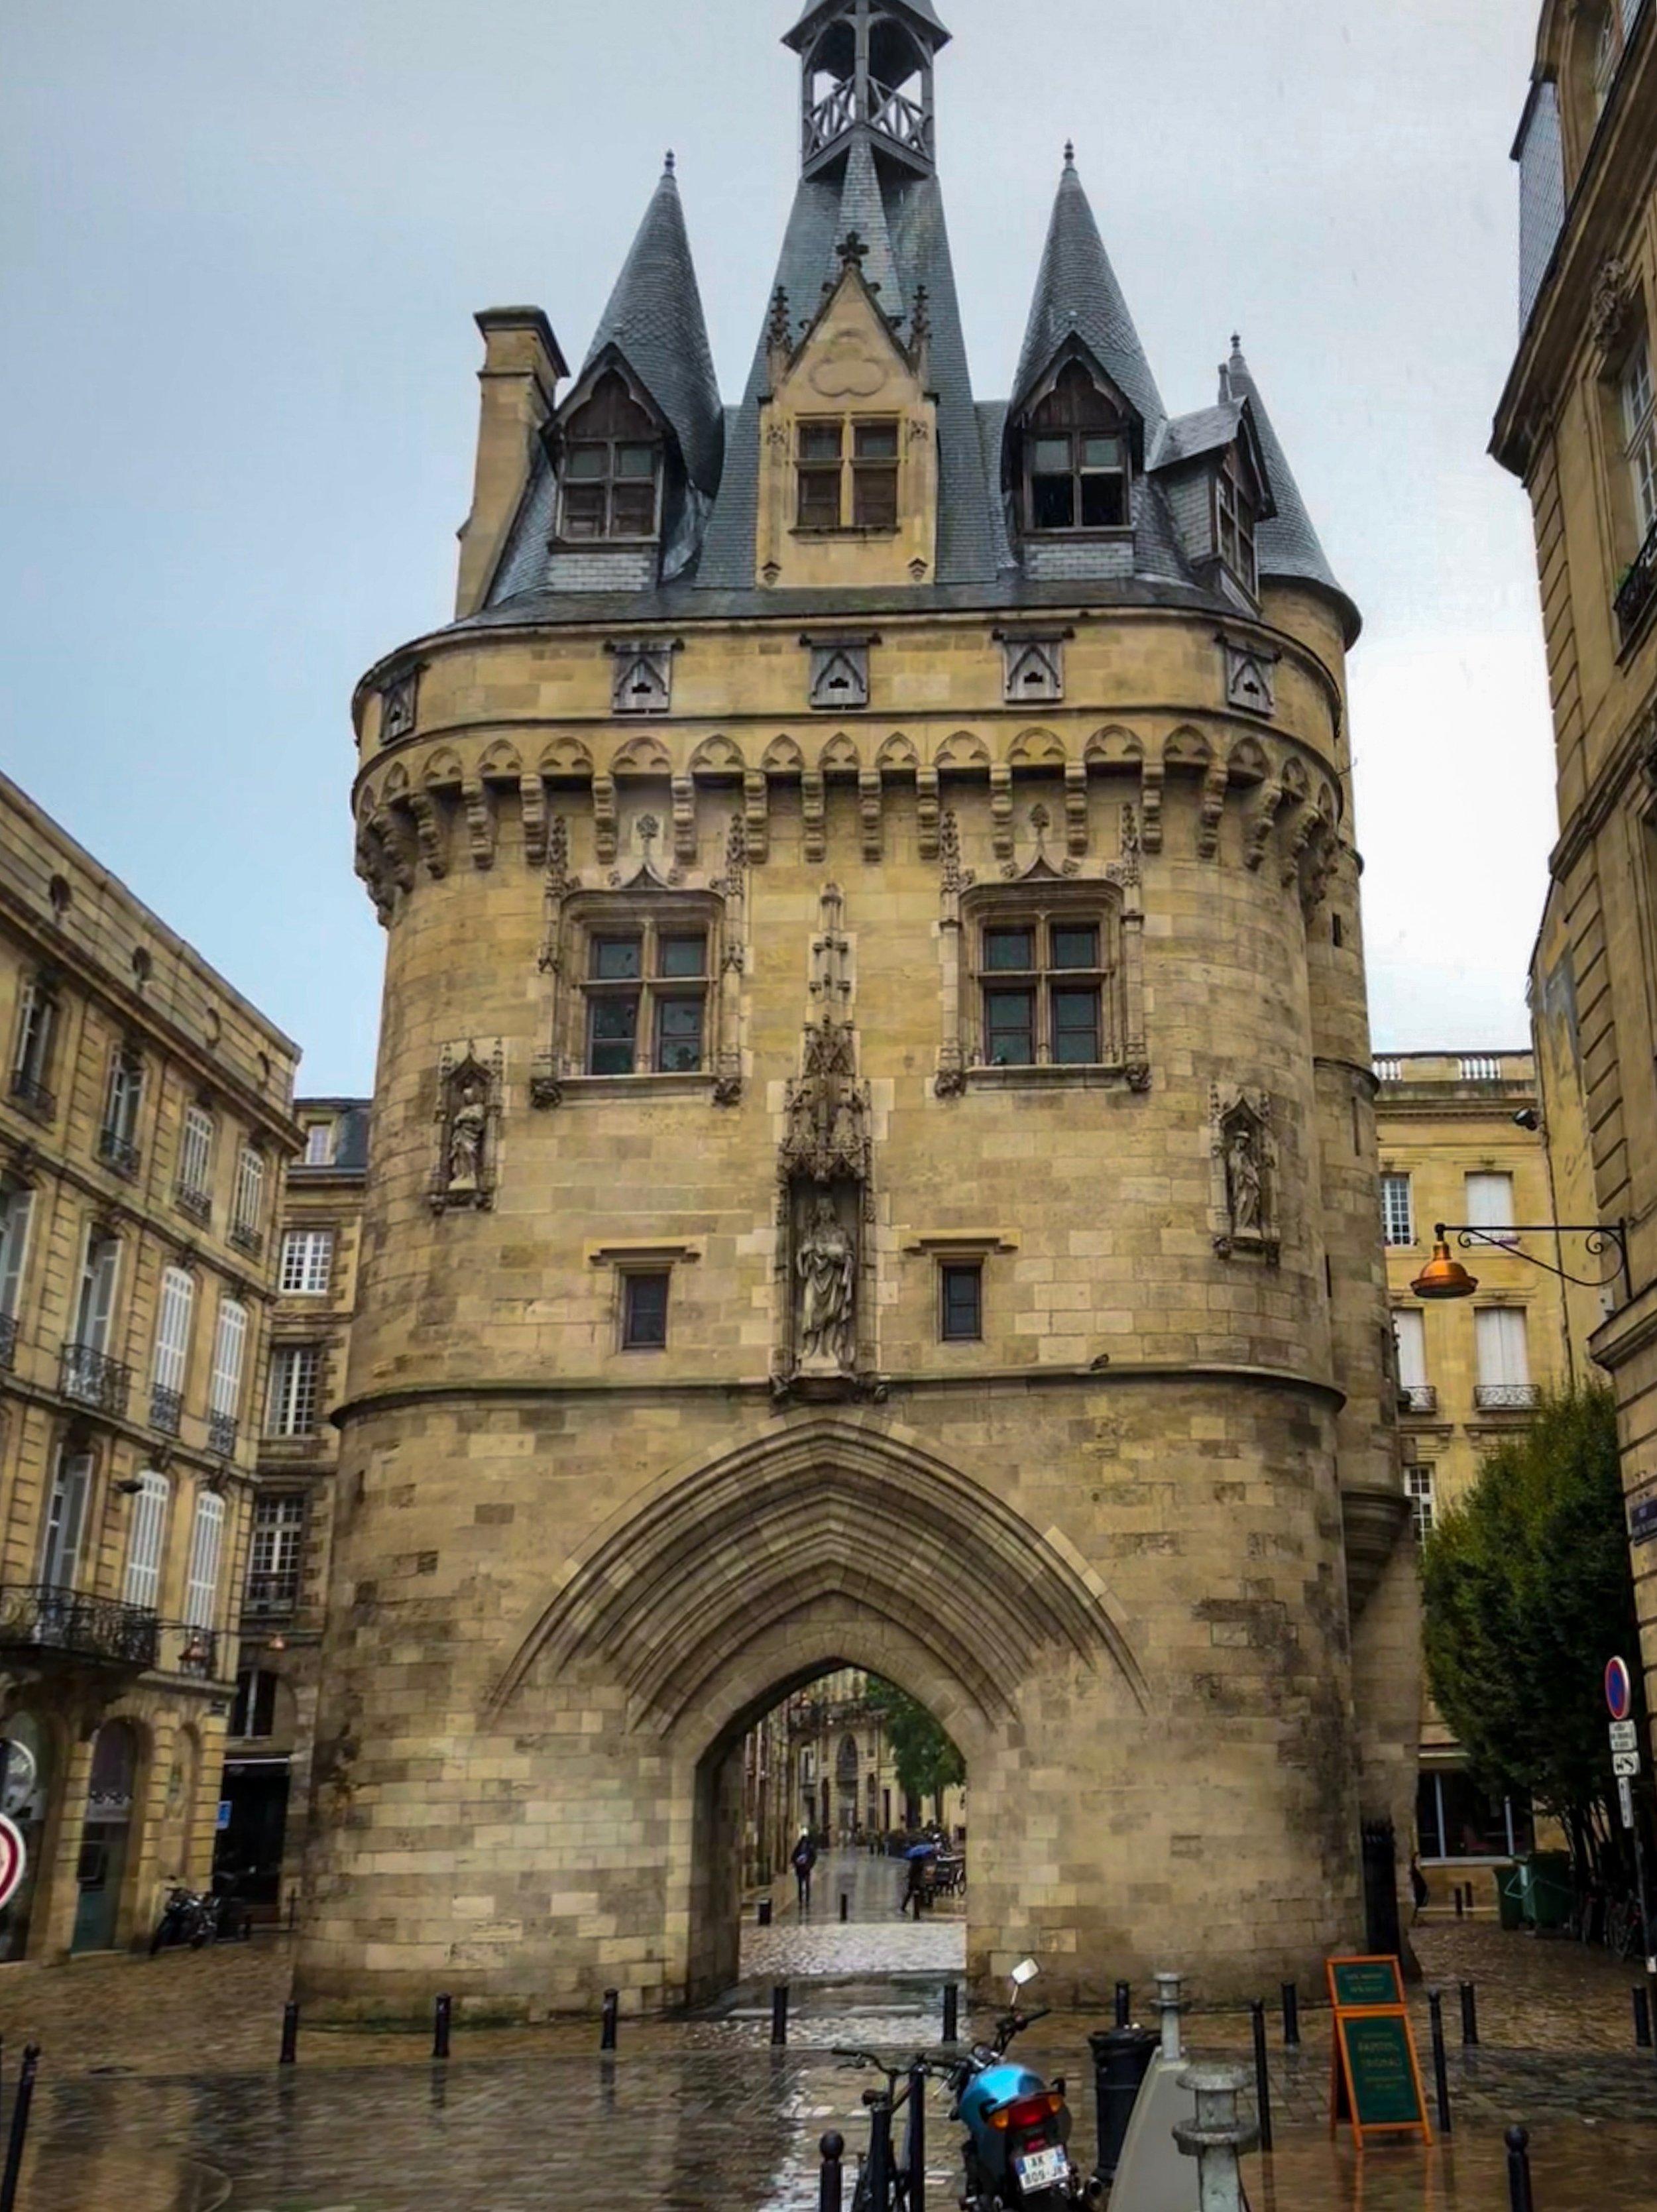 The Porte Cailhau